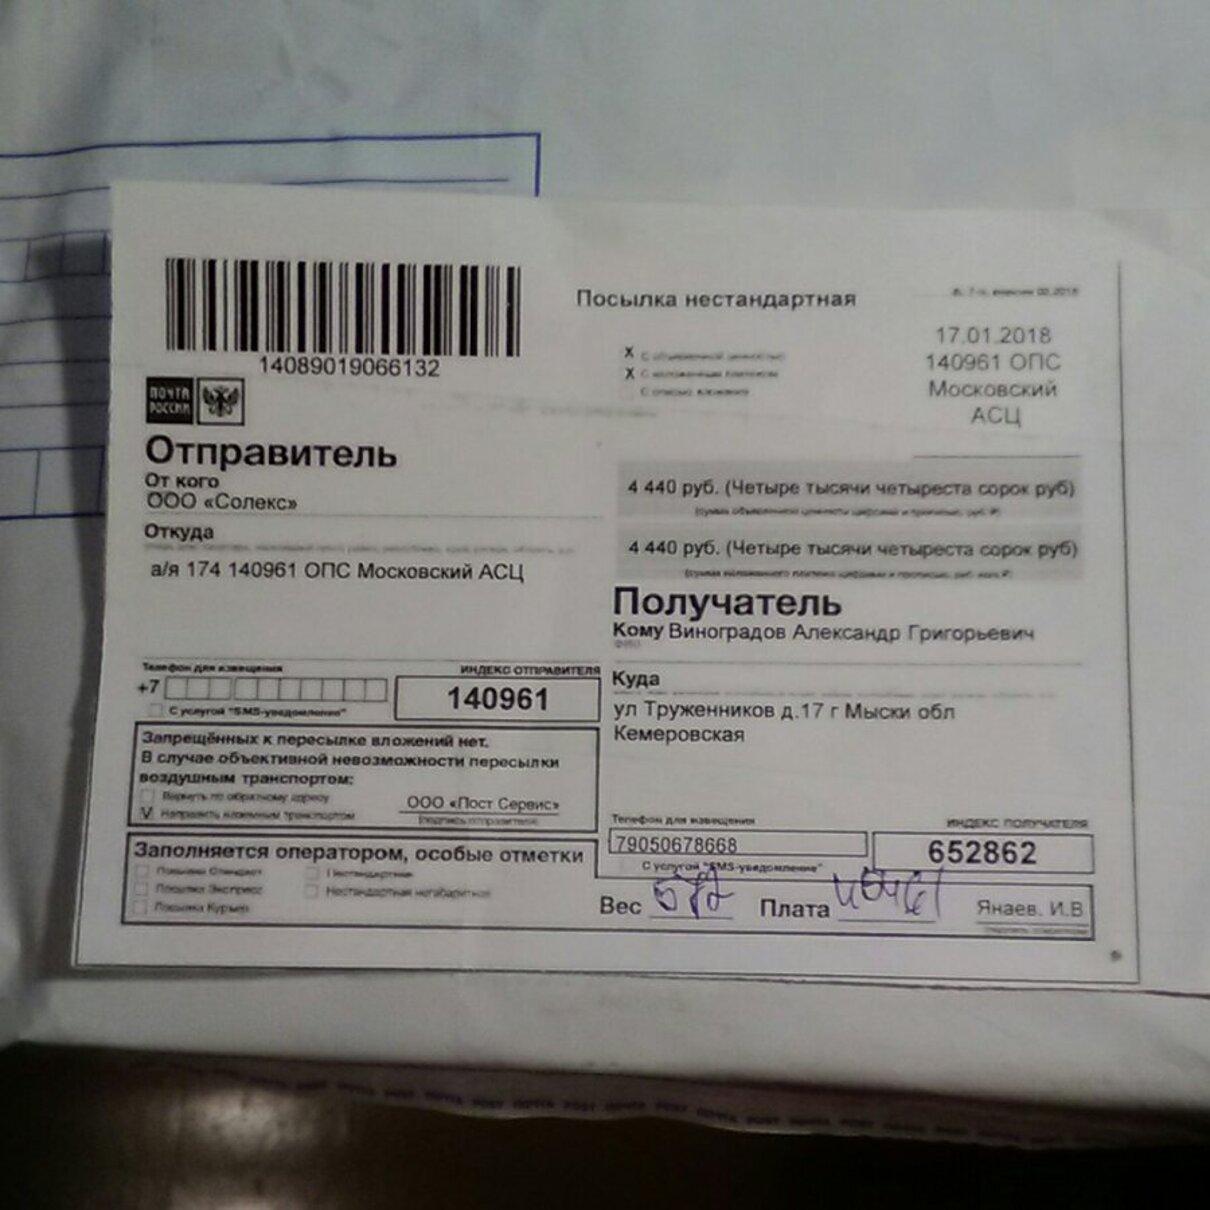 """Жалоба-отзыв: ООО """"Солекс"""" - Интернет-мошенничество. Пришел не тот товар.  Фото №3"""